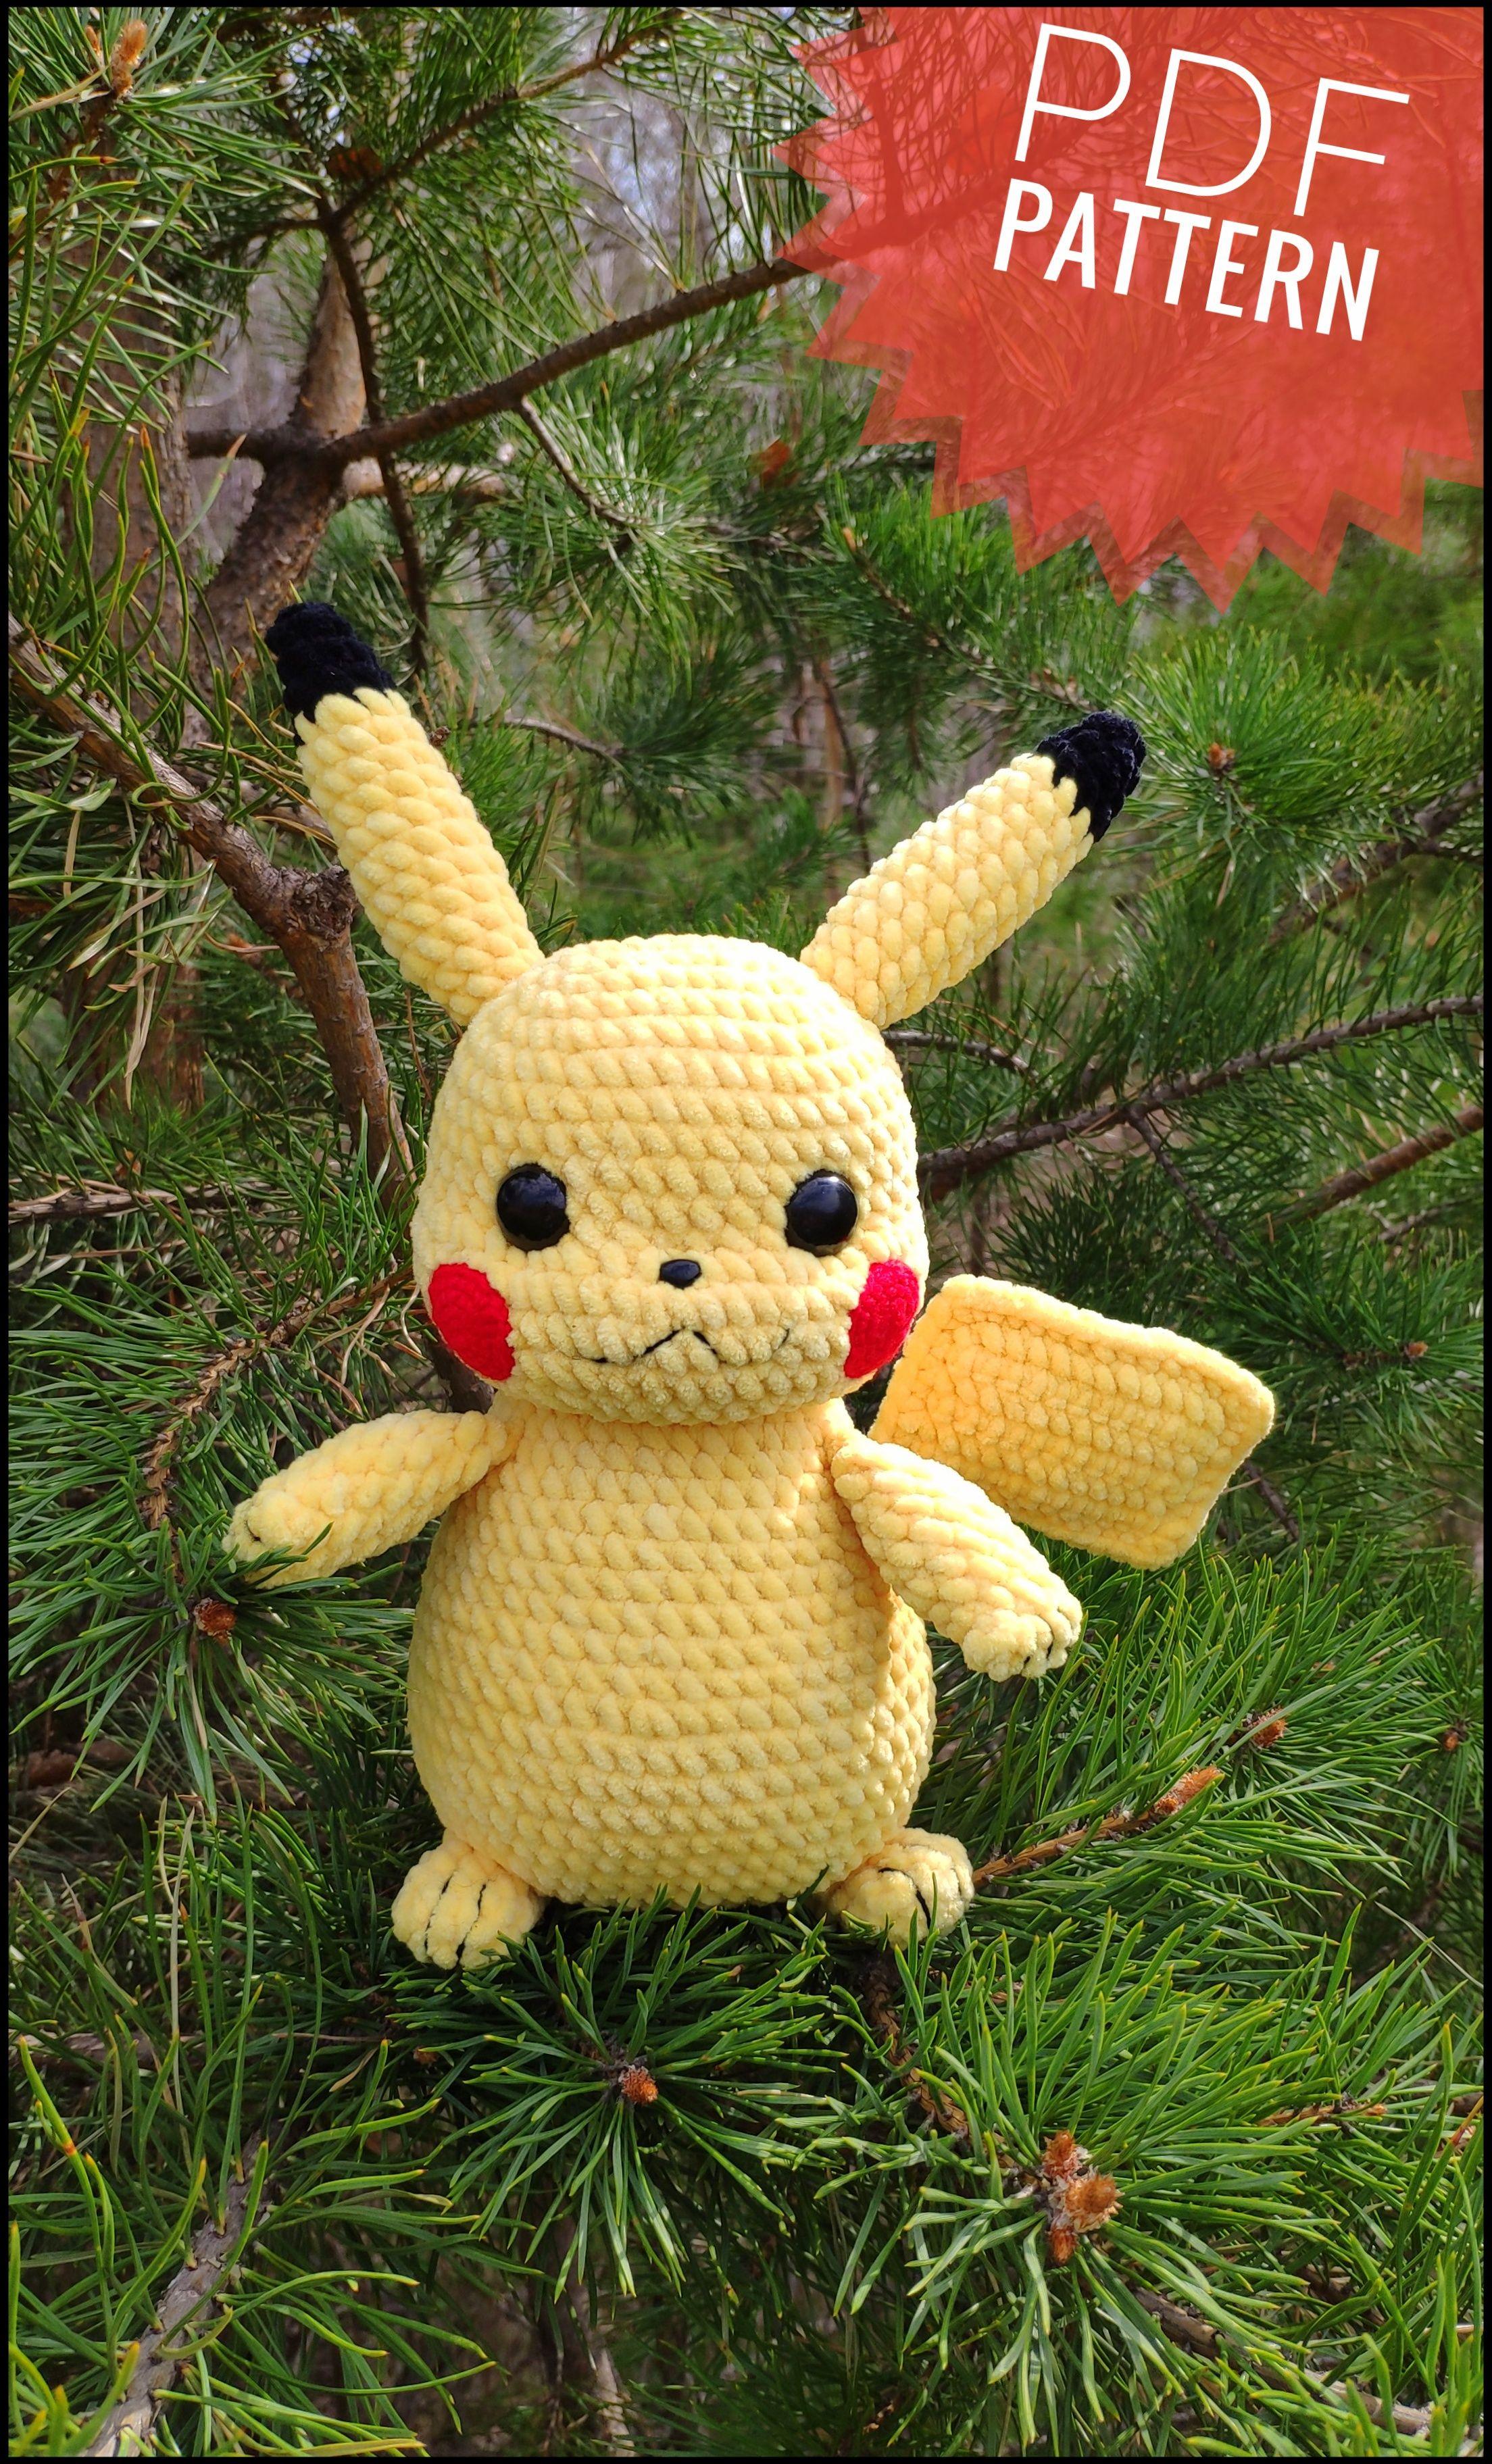 free patterns | Pokemon crochet pattern, Crochet pokemon, Crochet ... | 3647x2208